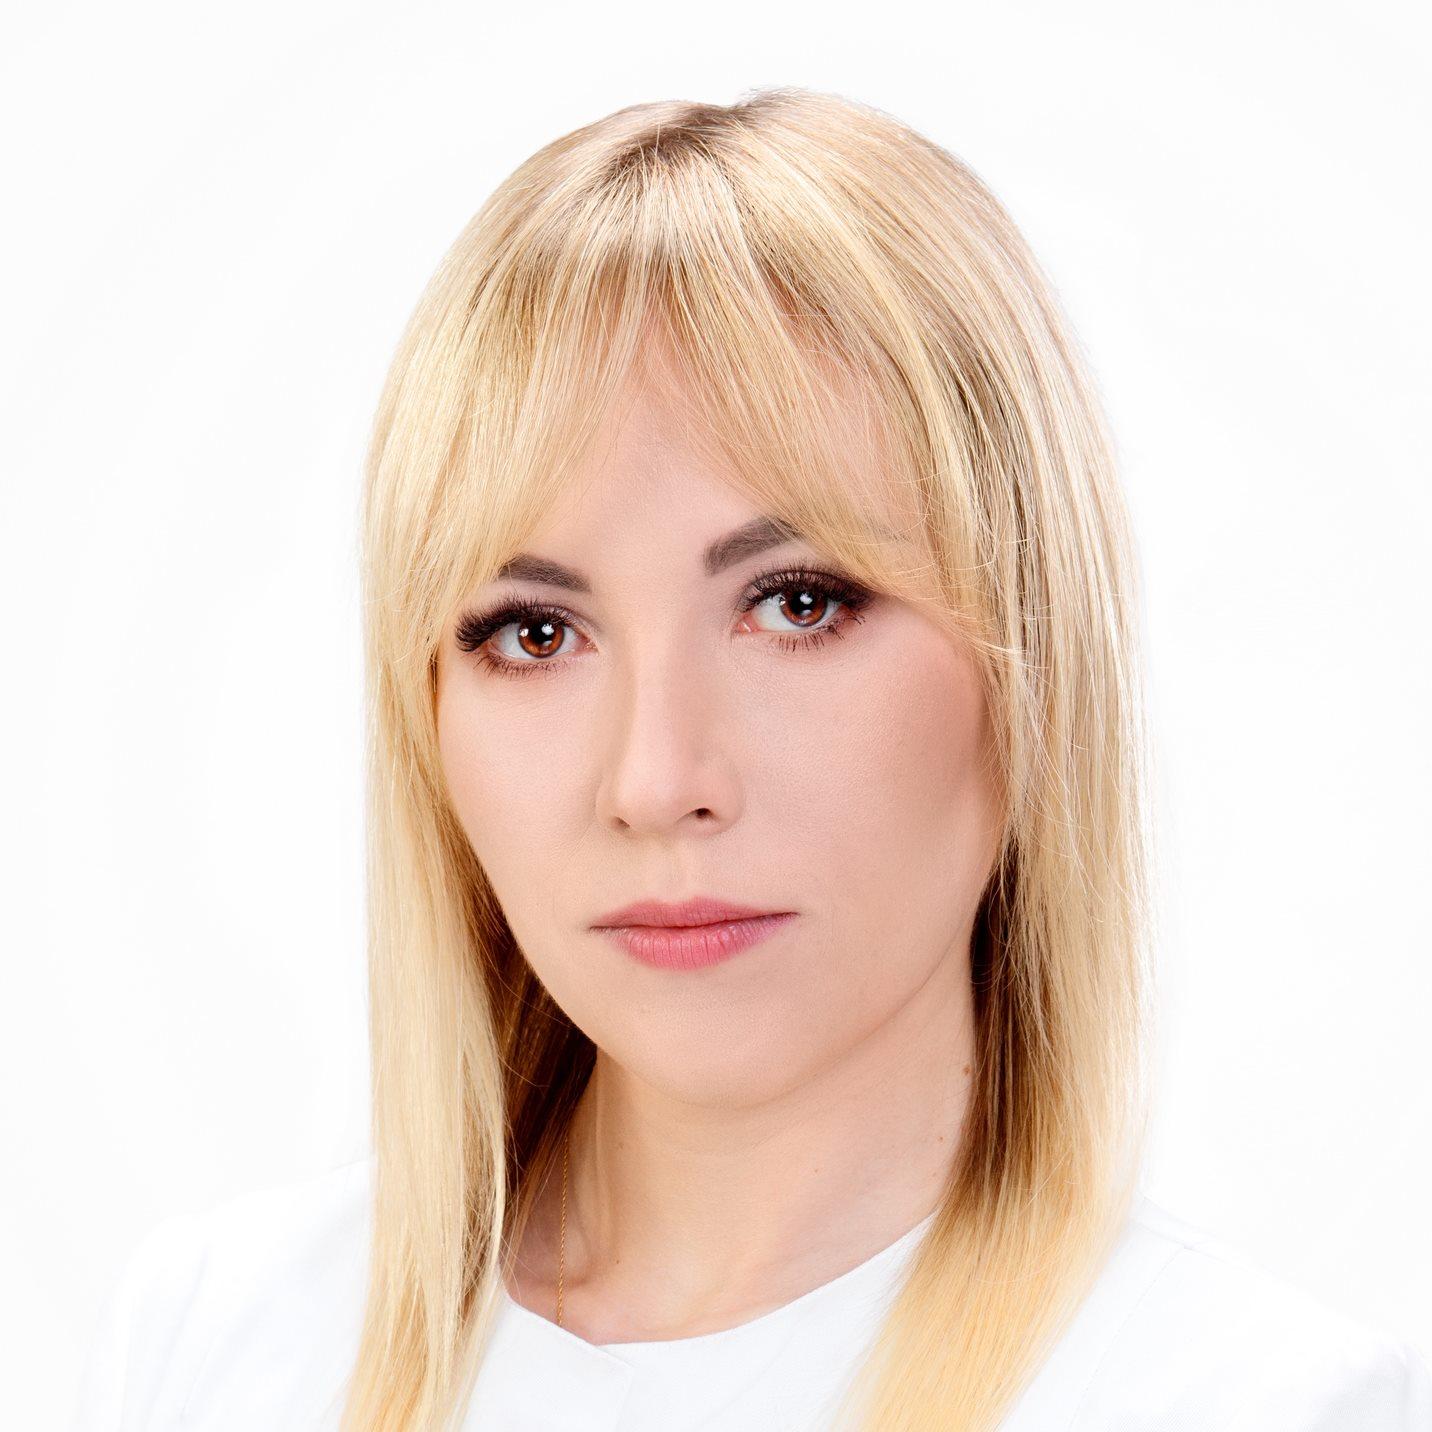 Oculomedica - Dr Izabela Wawra